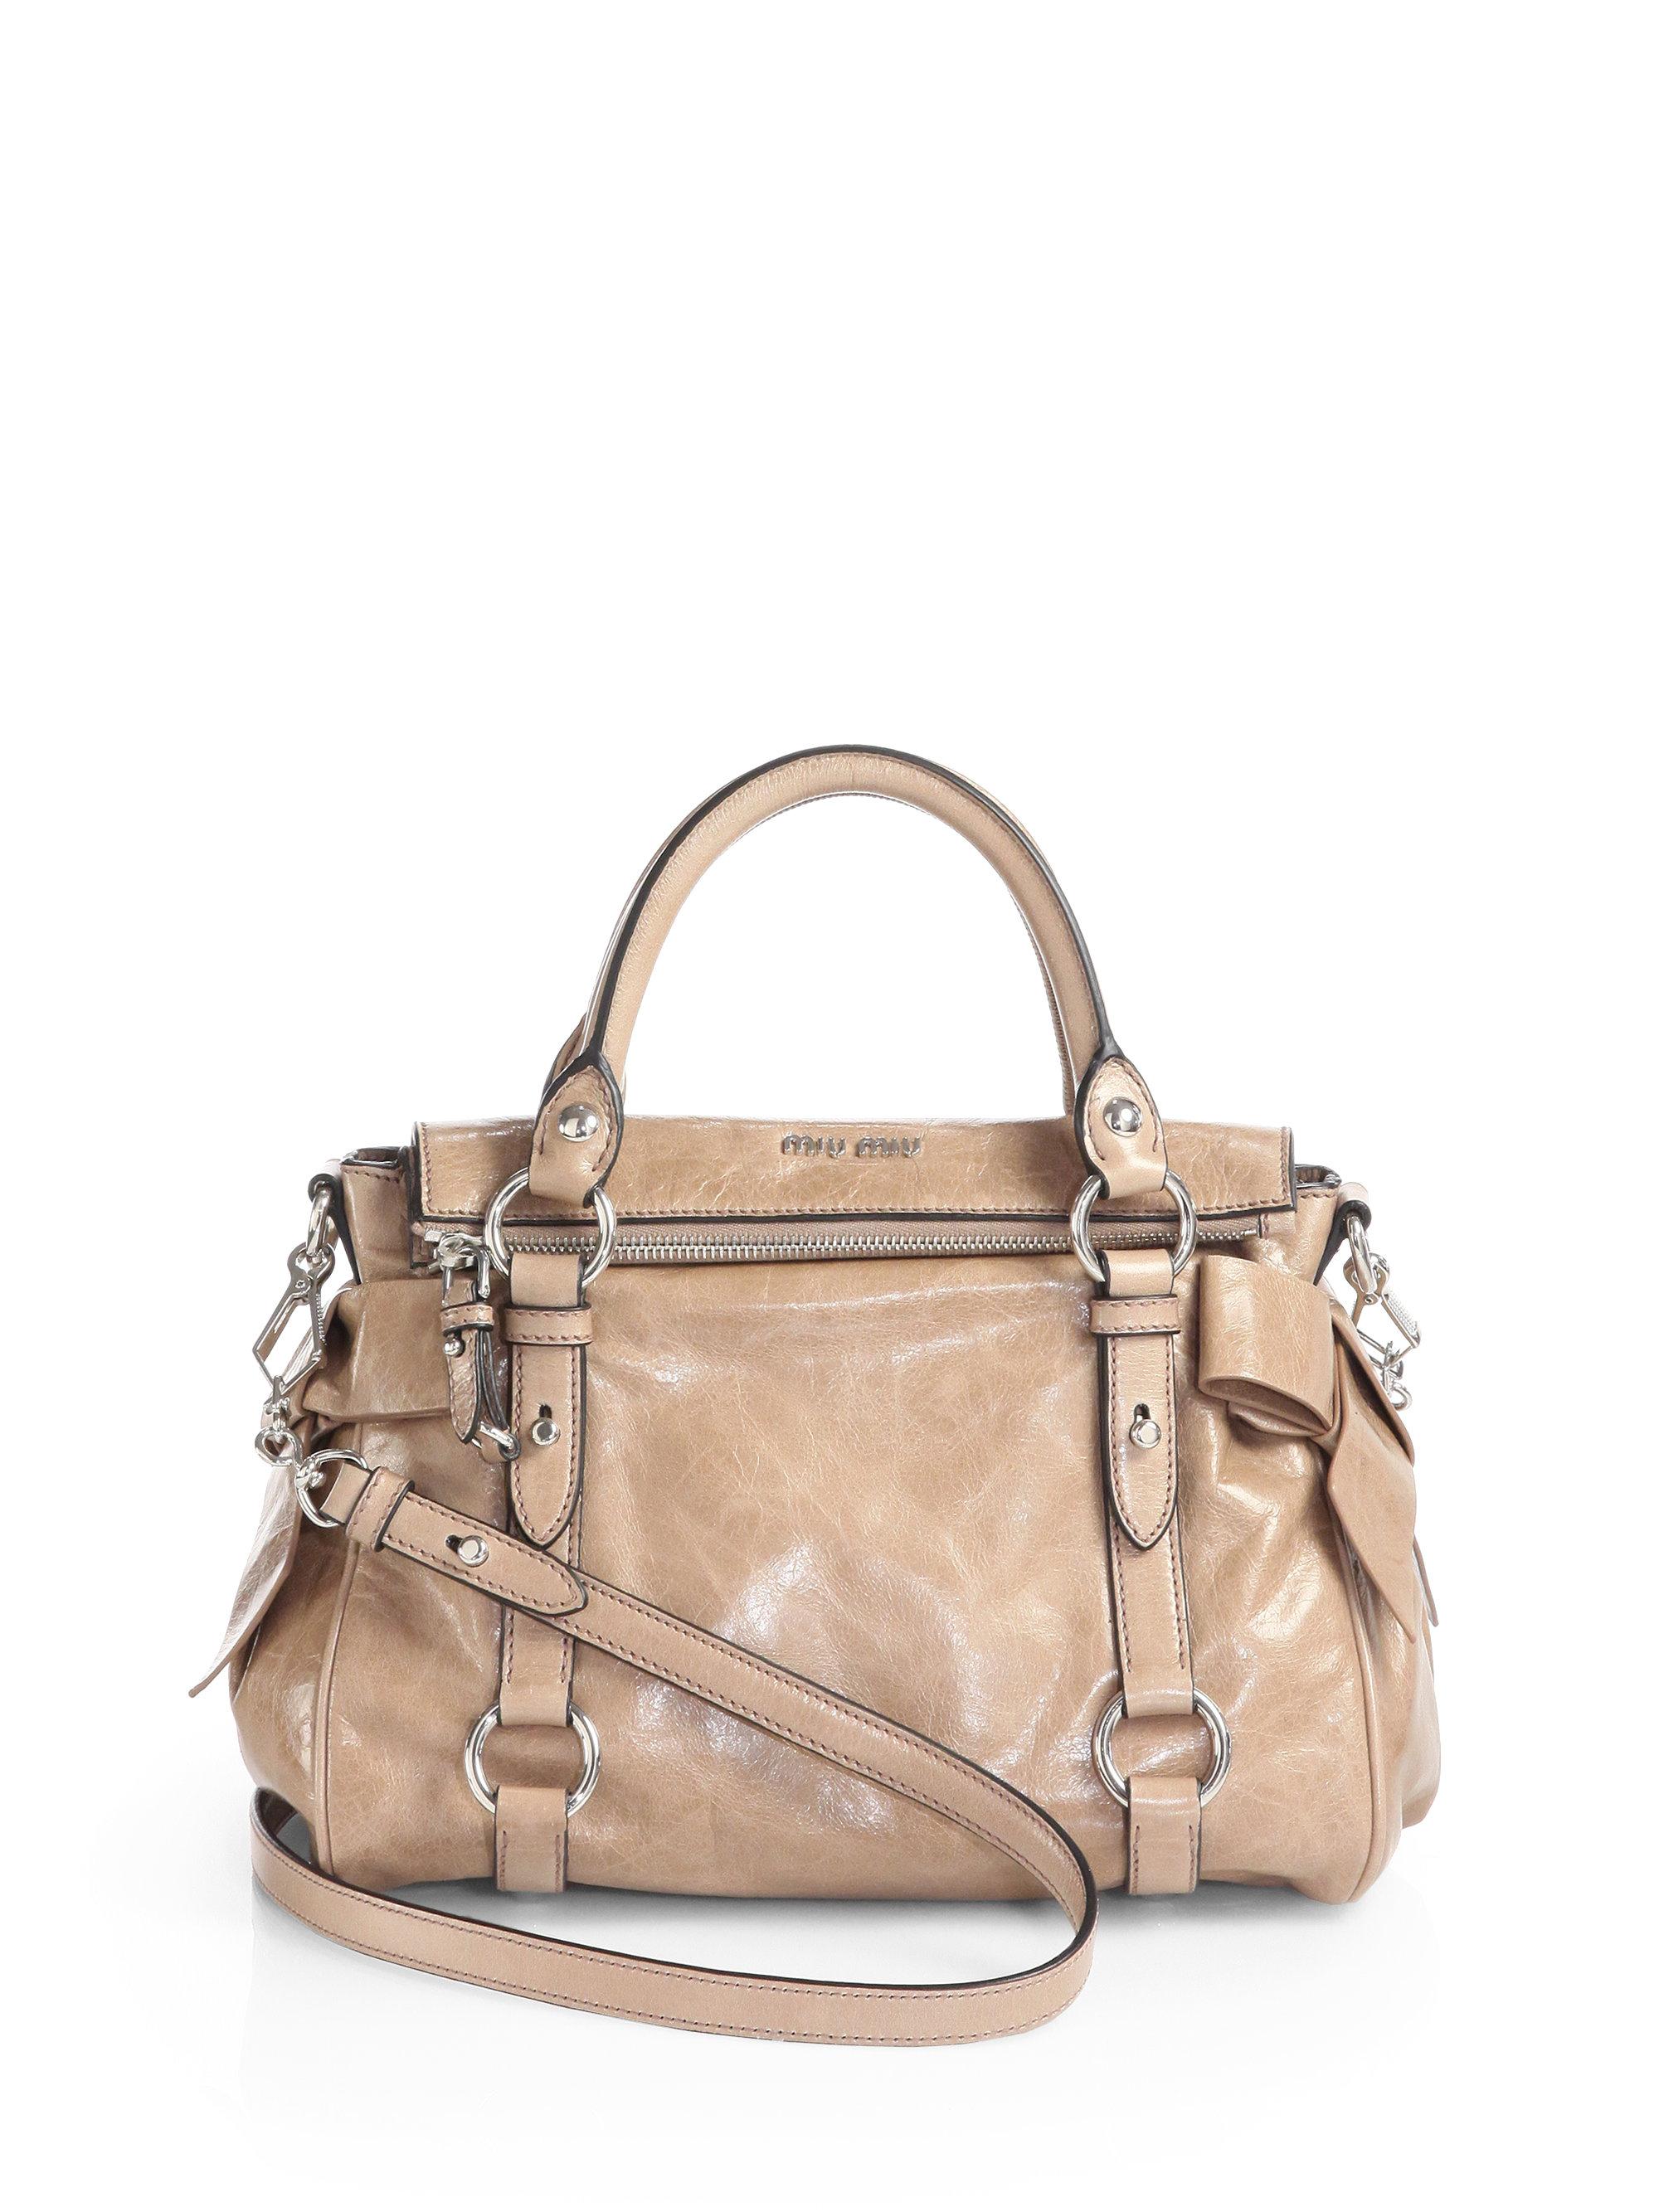 Lyst miu vitello lux mini bow satchel in natural jpg 2000x2667 Lux bow miu  vitello bags d91bb7f5c7